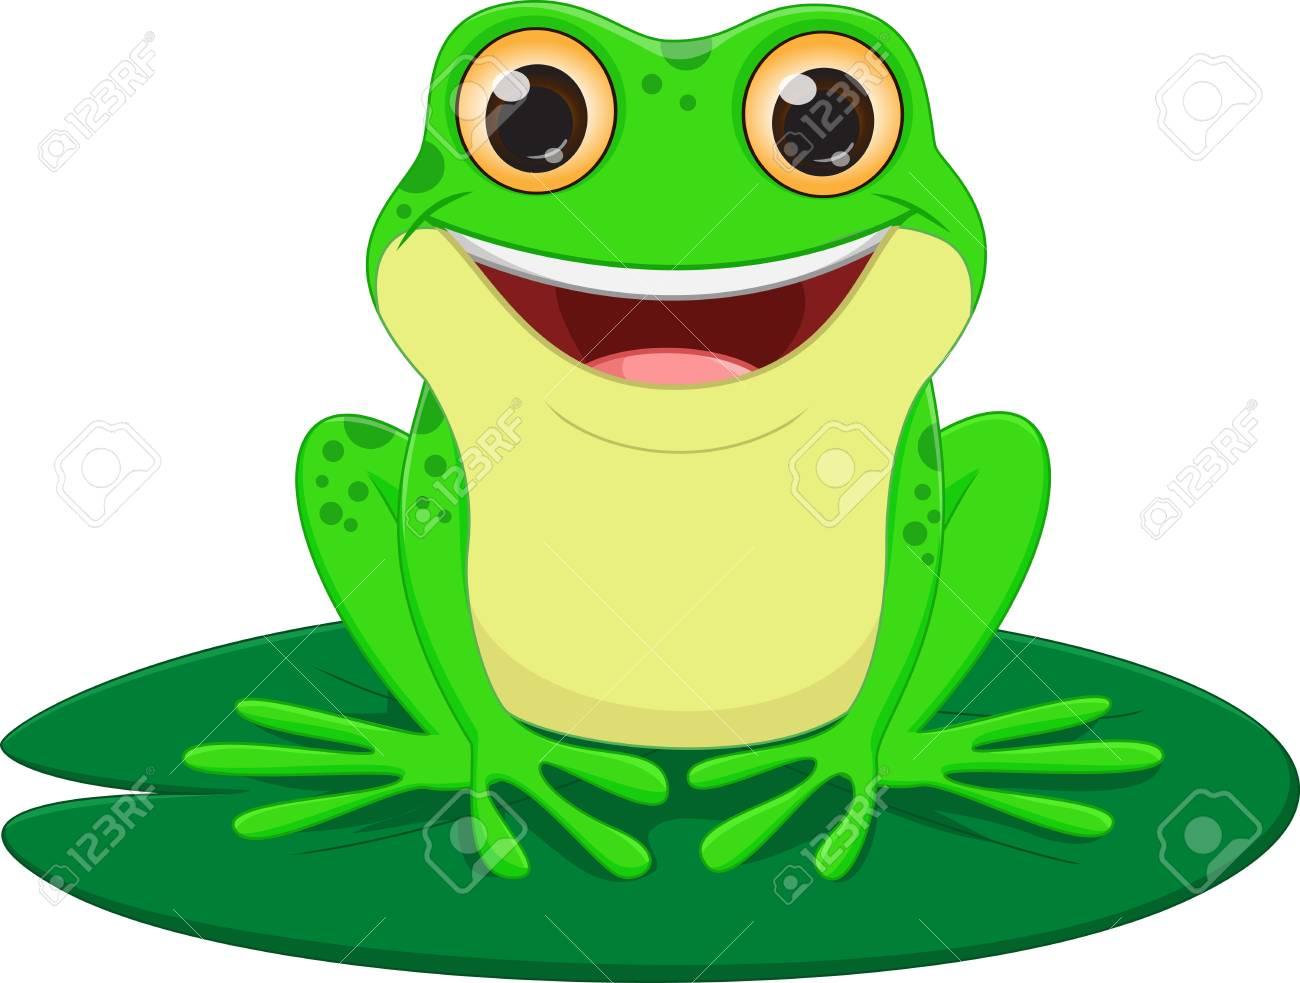 cute Frog cartoon - 60374834